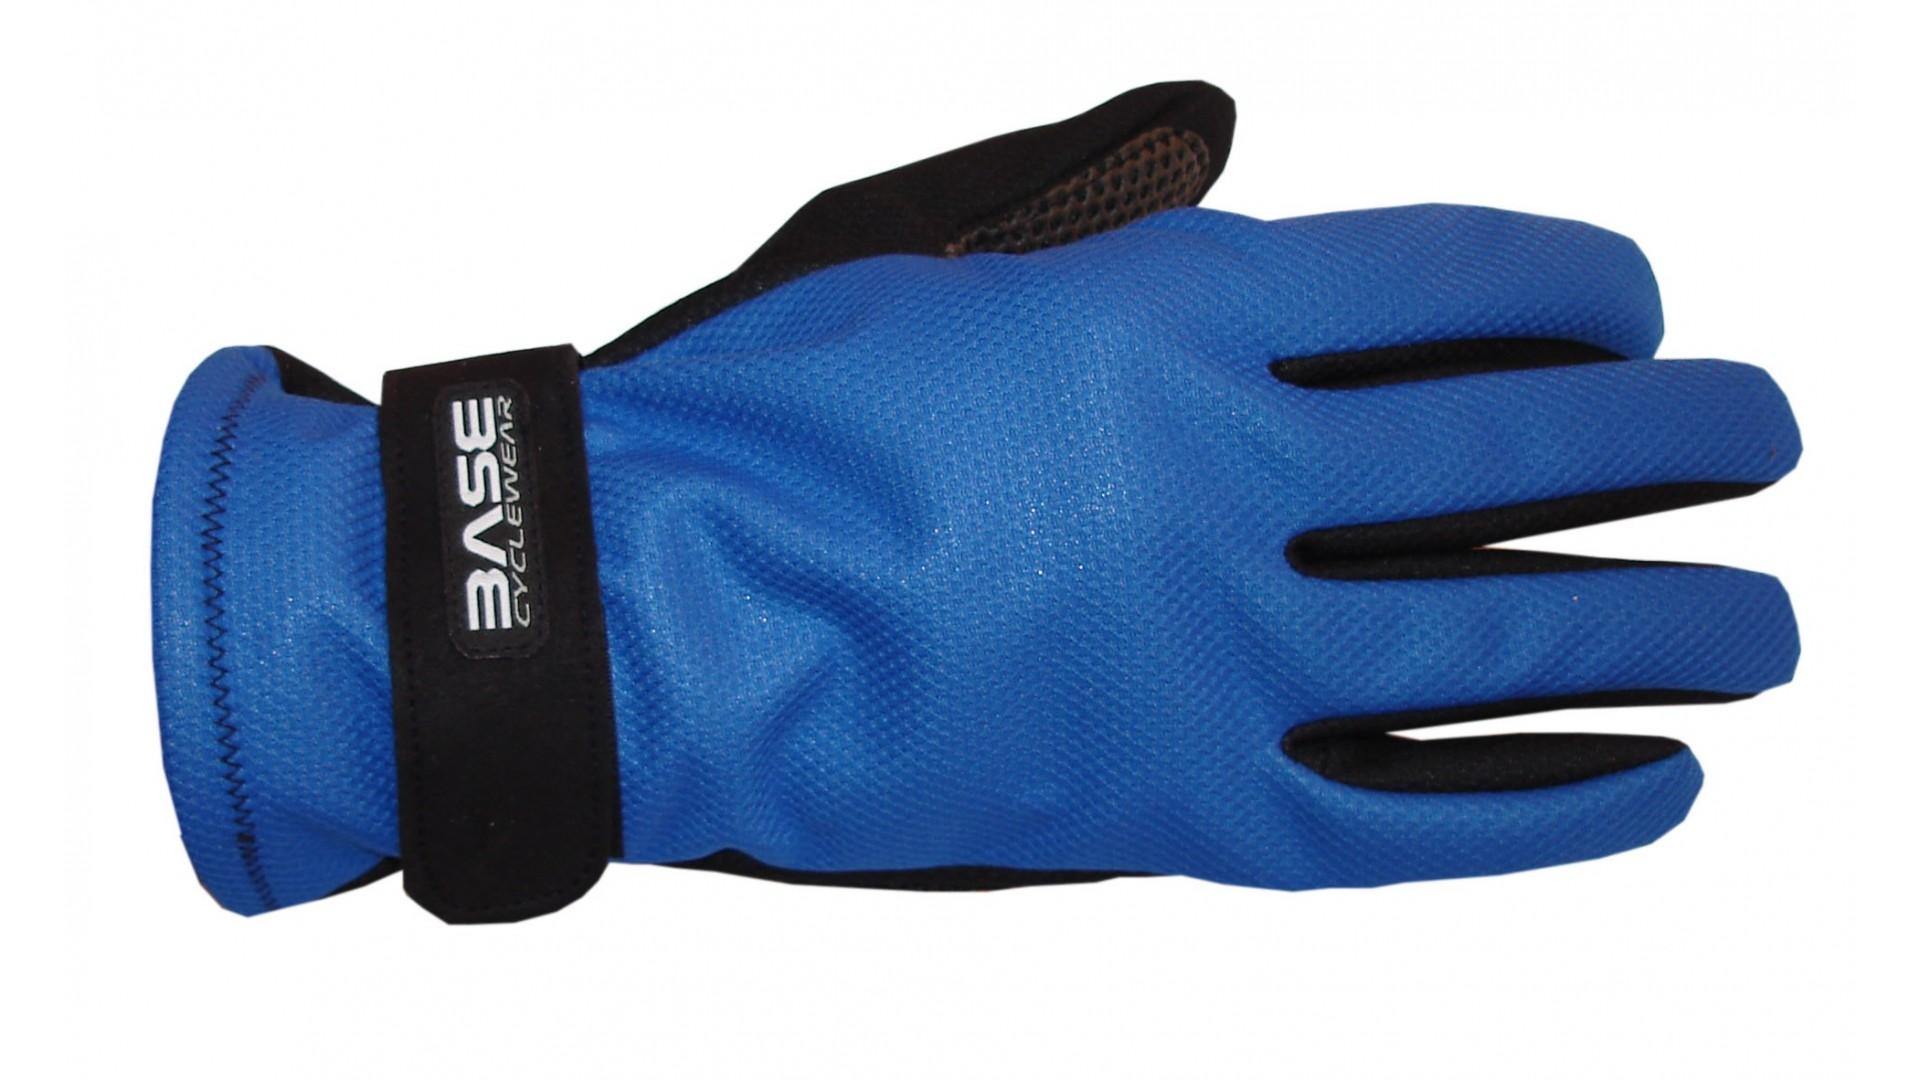 Велоперчатки Nalini Fiamma зимние синие